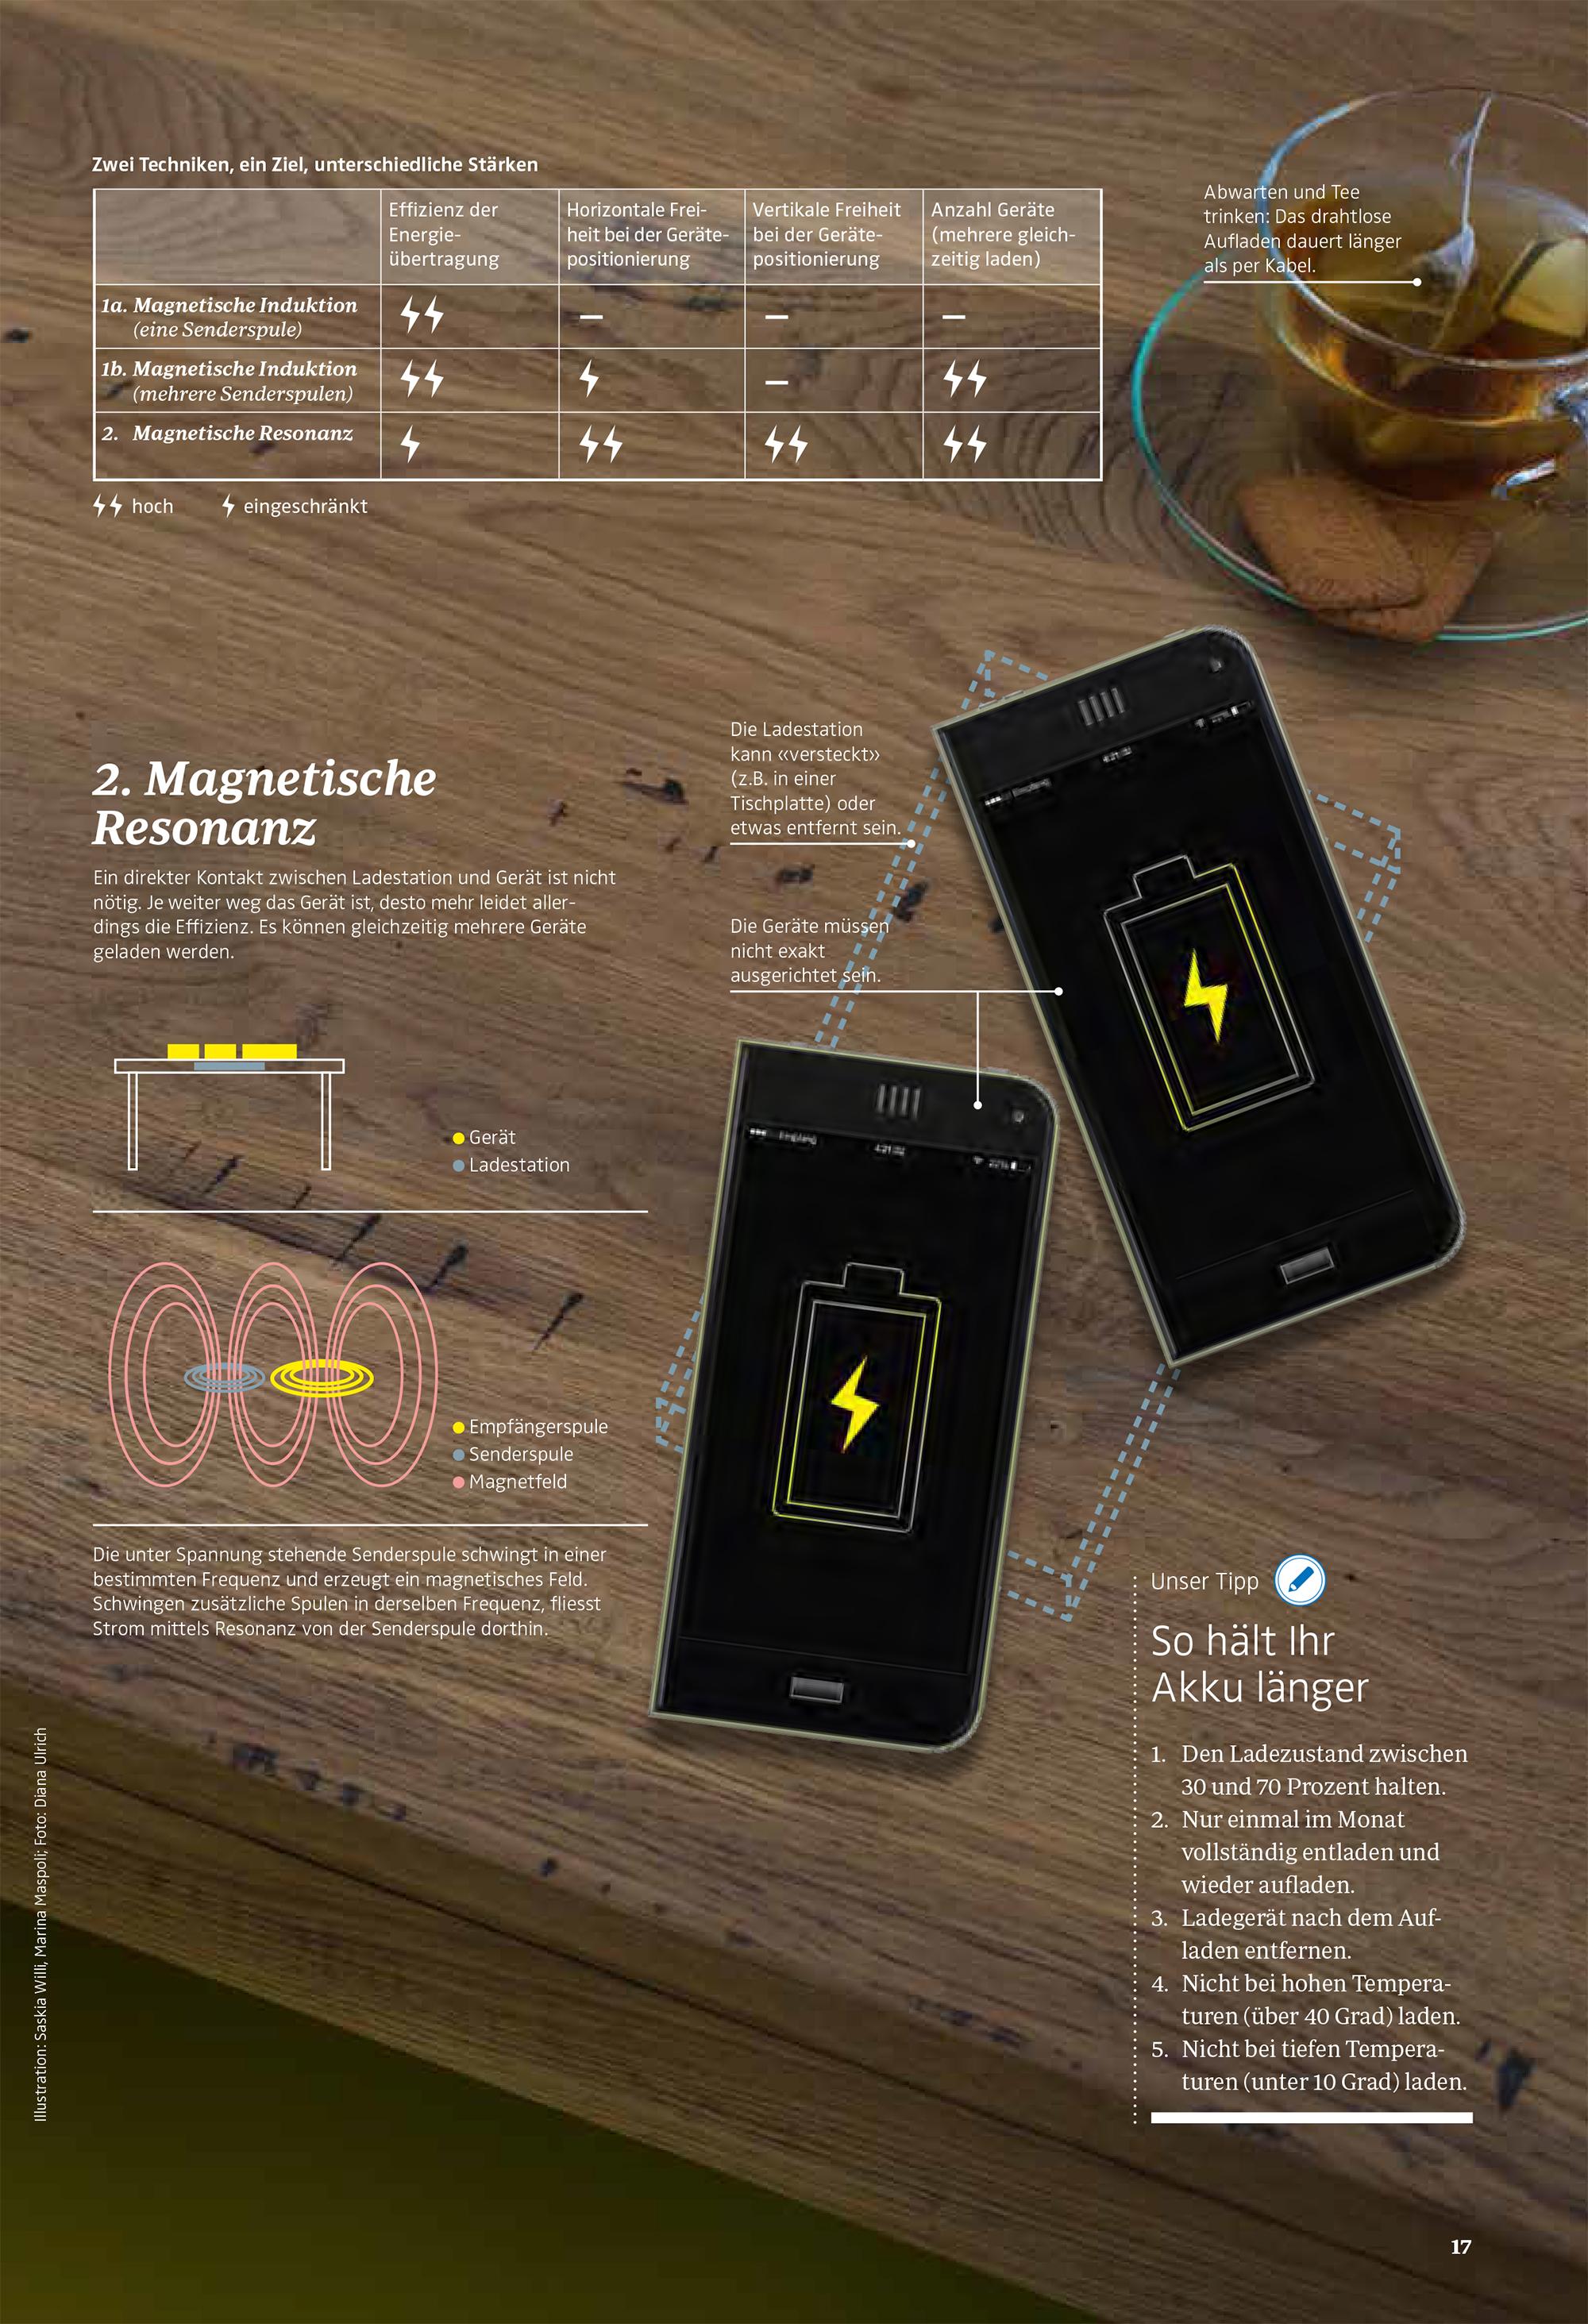 TearSheet_20_Strom Infografik_voellig kabellos_02